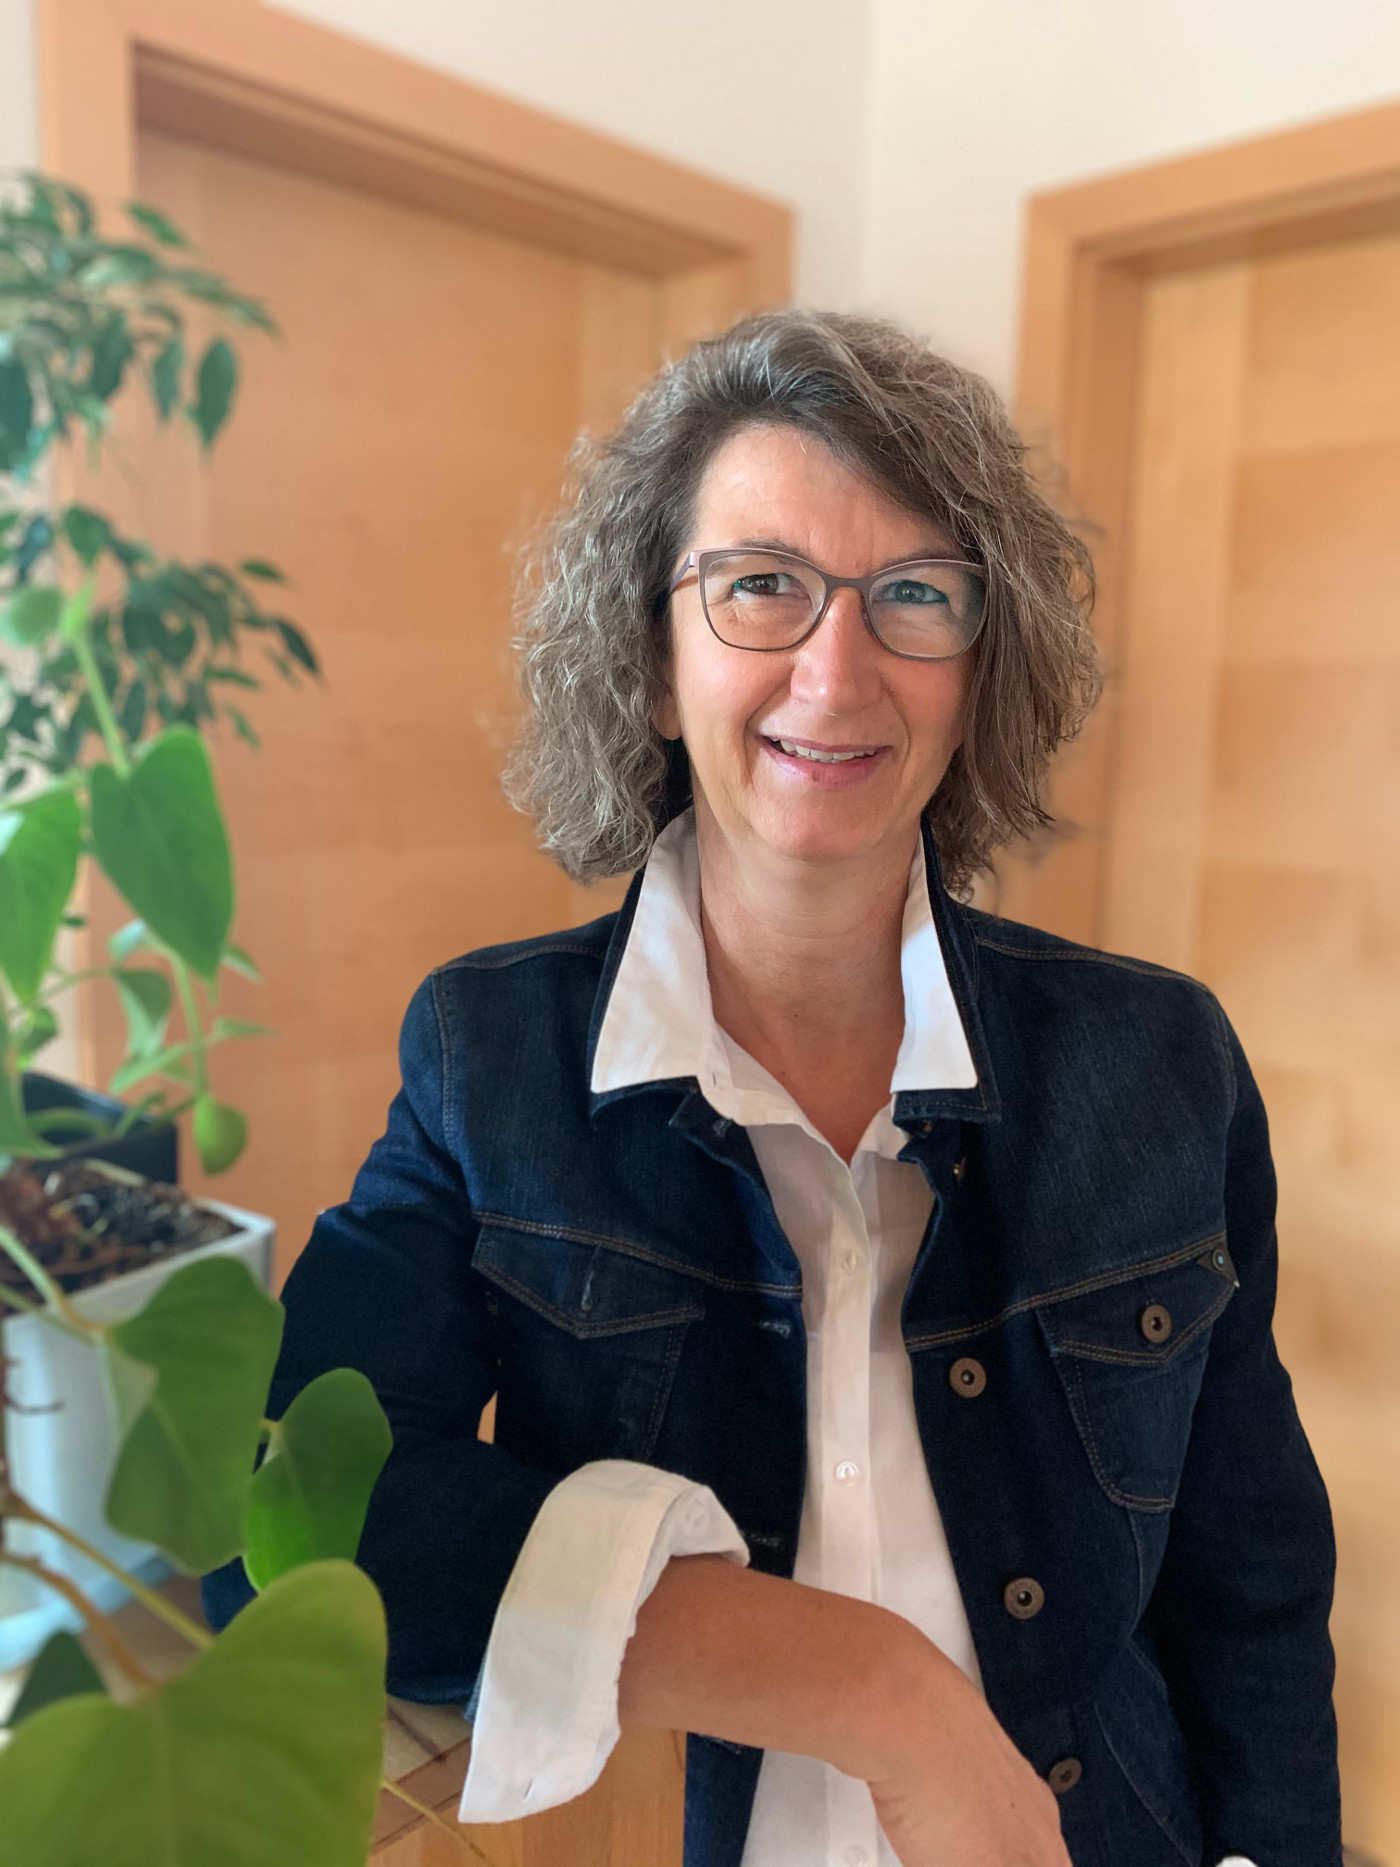 Verein zur Förderung des Opernfestivals Oberpfalz - Vorsitzende Dr. Susanne Plank